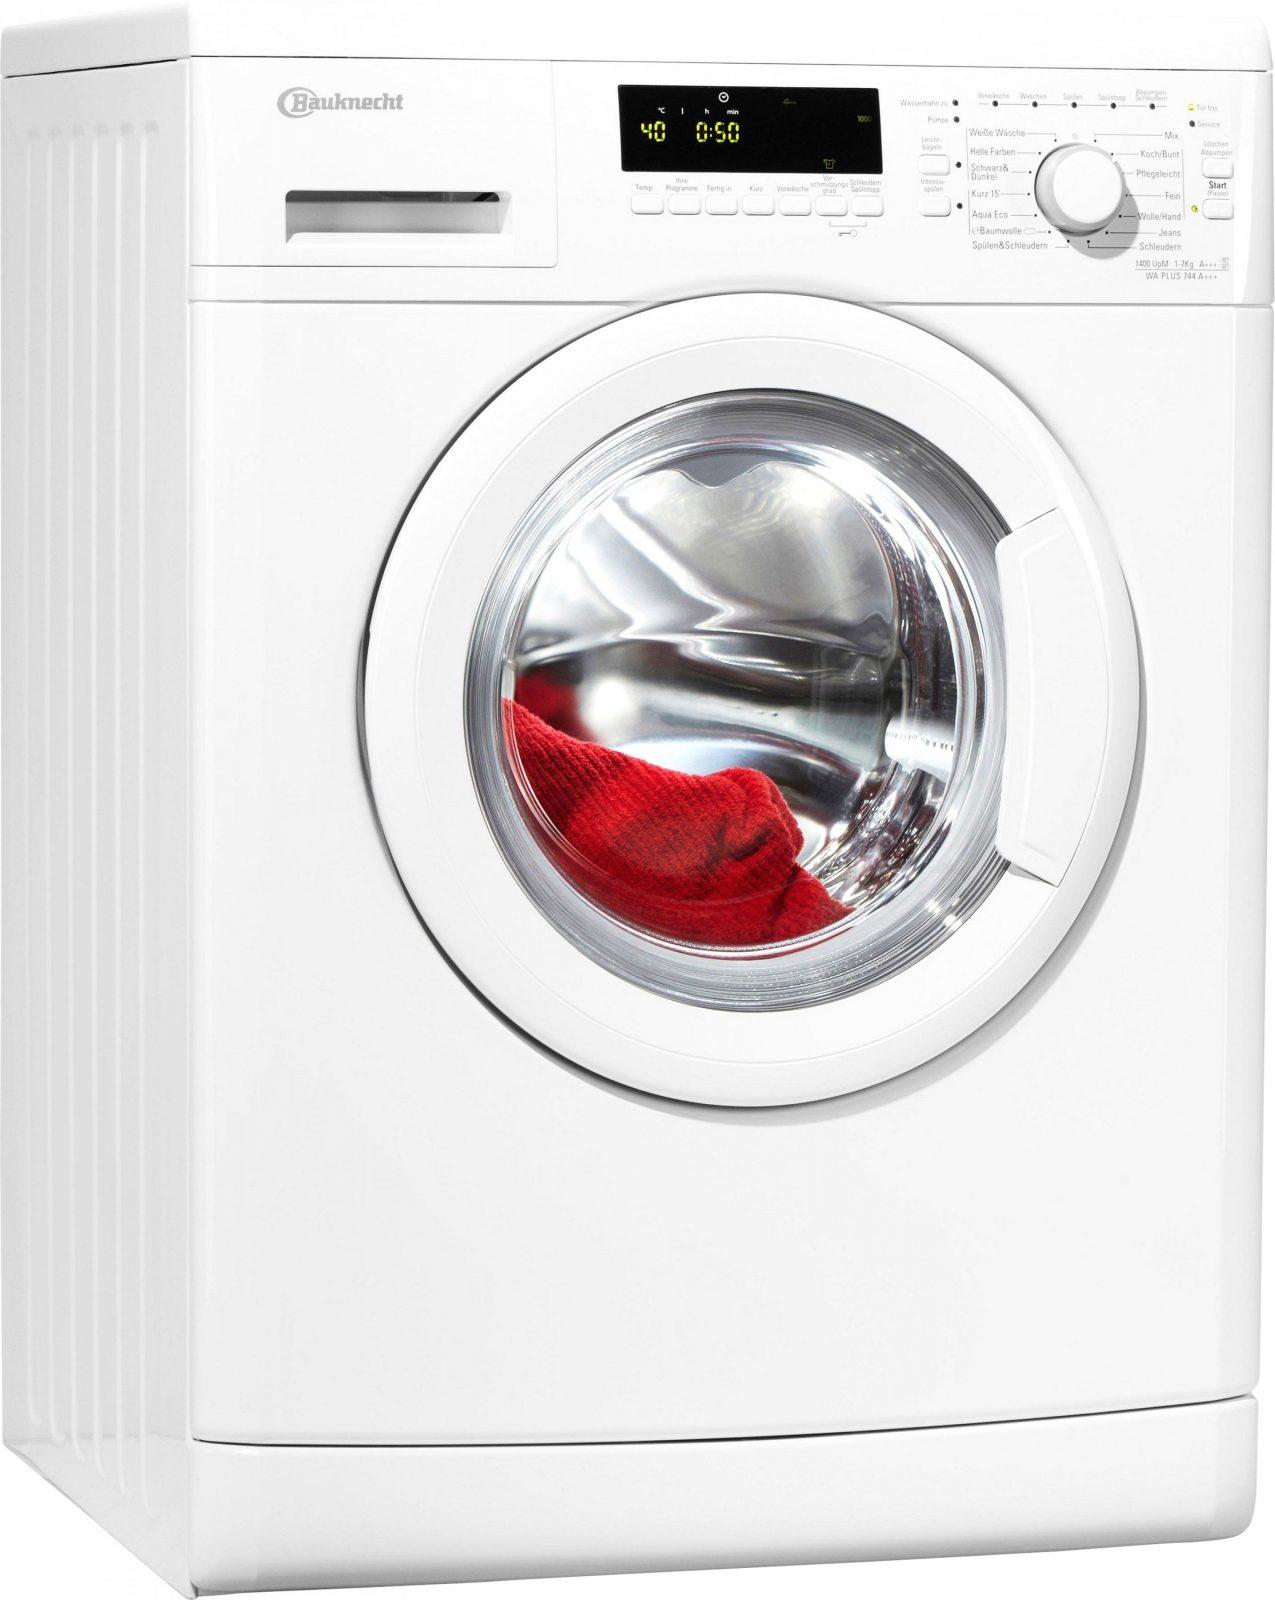 Wasserhahn Zu Bauknecht Waschmaschine Mit Super Eco 7415 Im Test von Waschmaschine Bauknecht Super Eco 7415 Bild